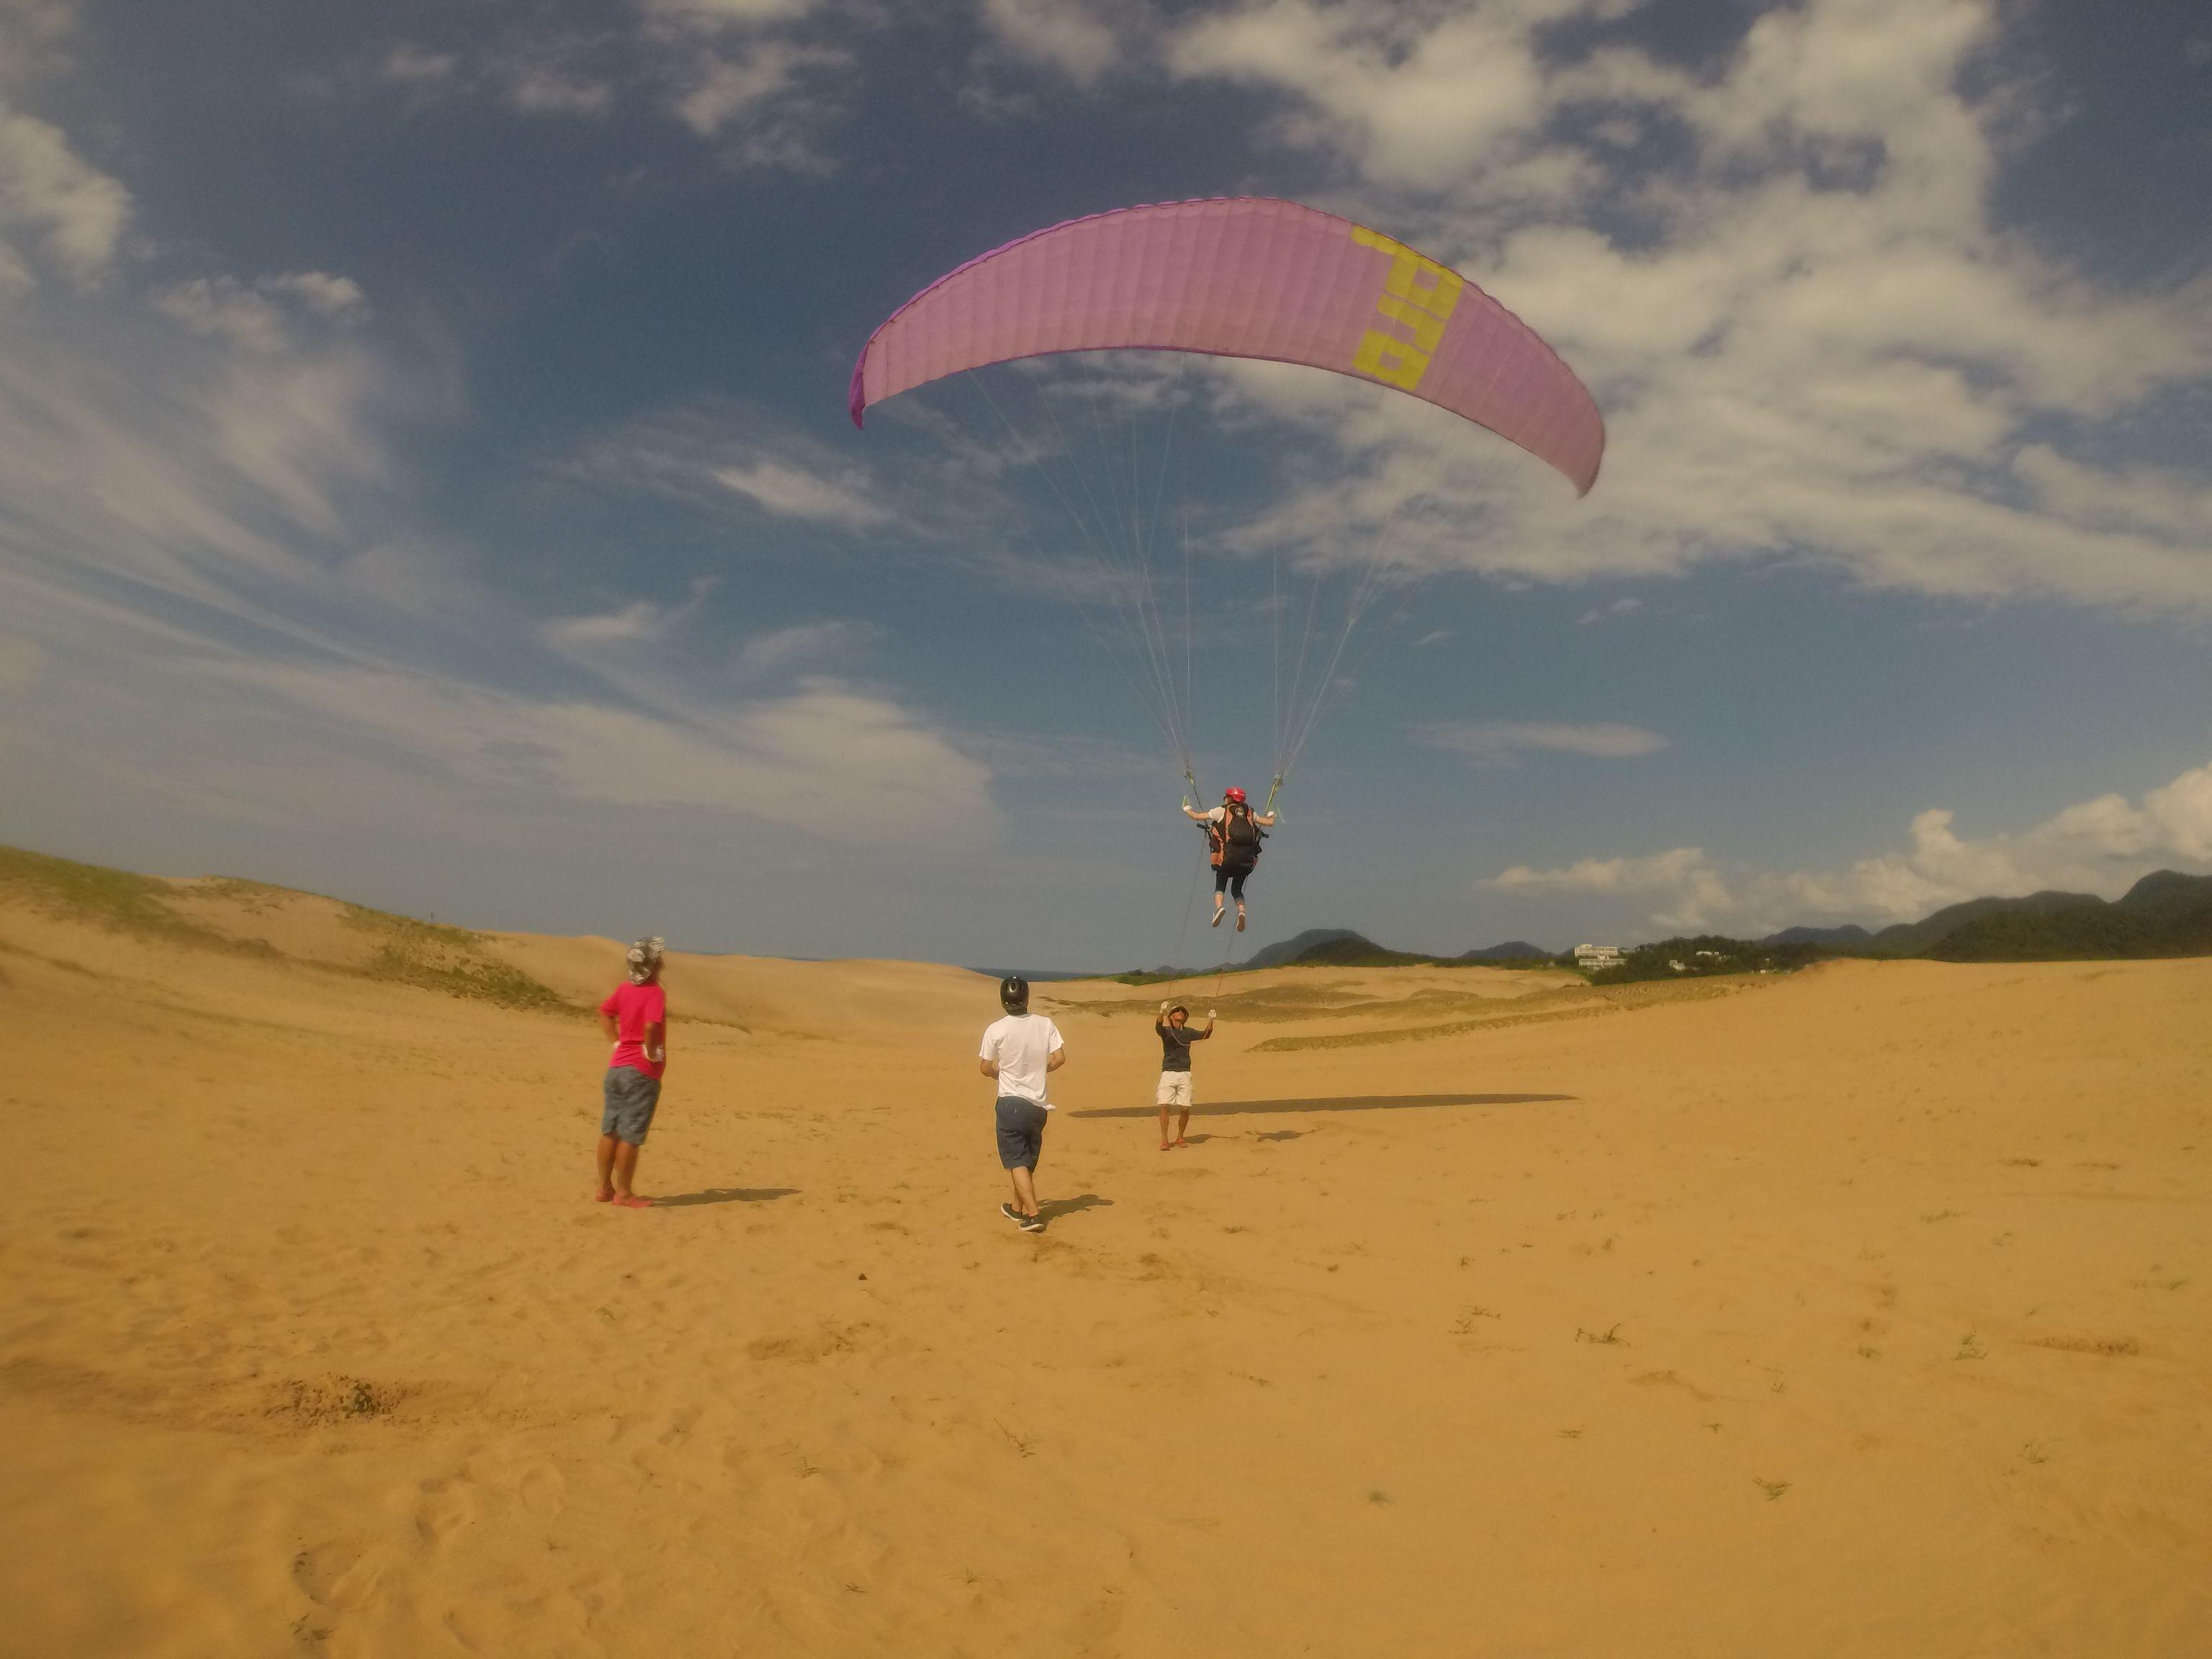 鮮やかな空と砂丘を背景に爽快に飛ぶ